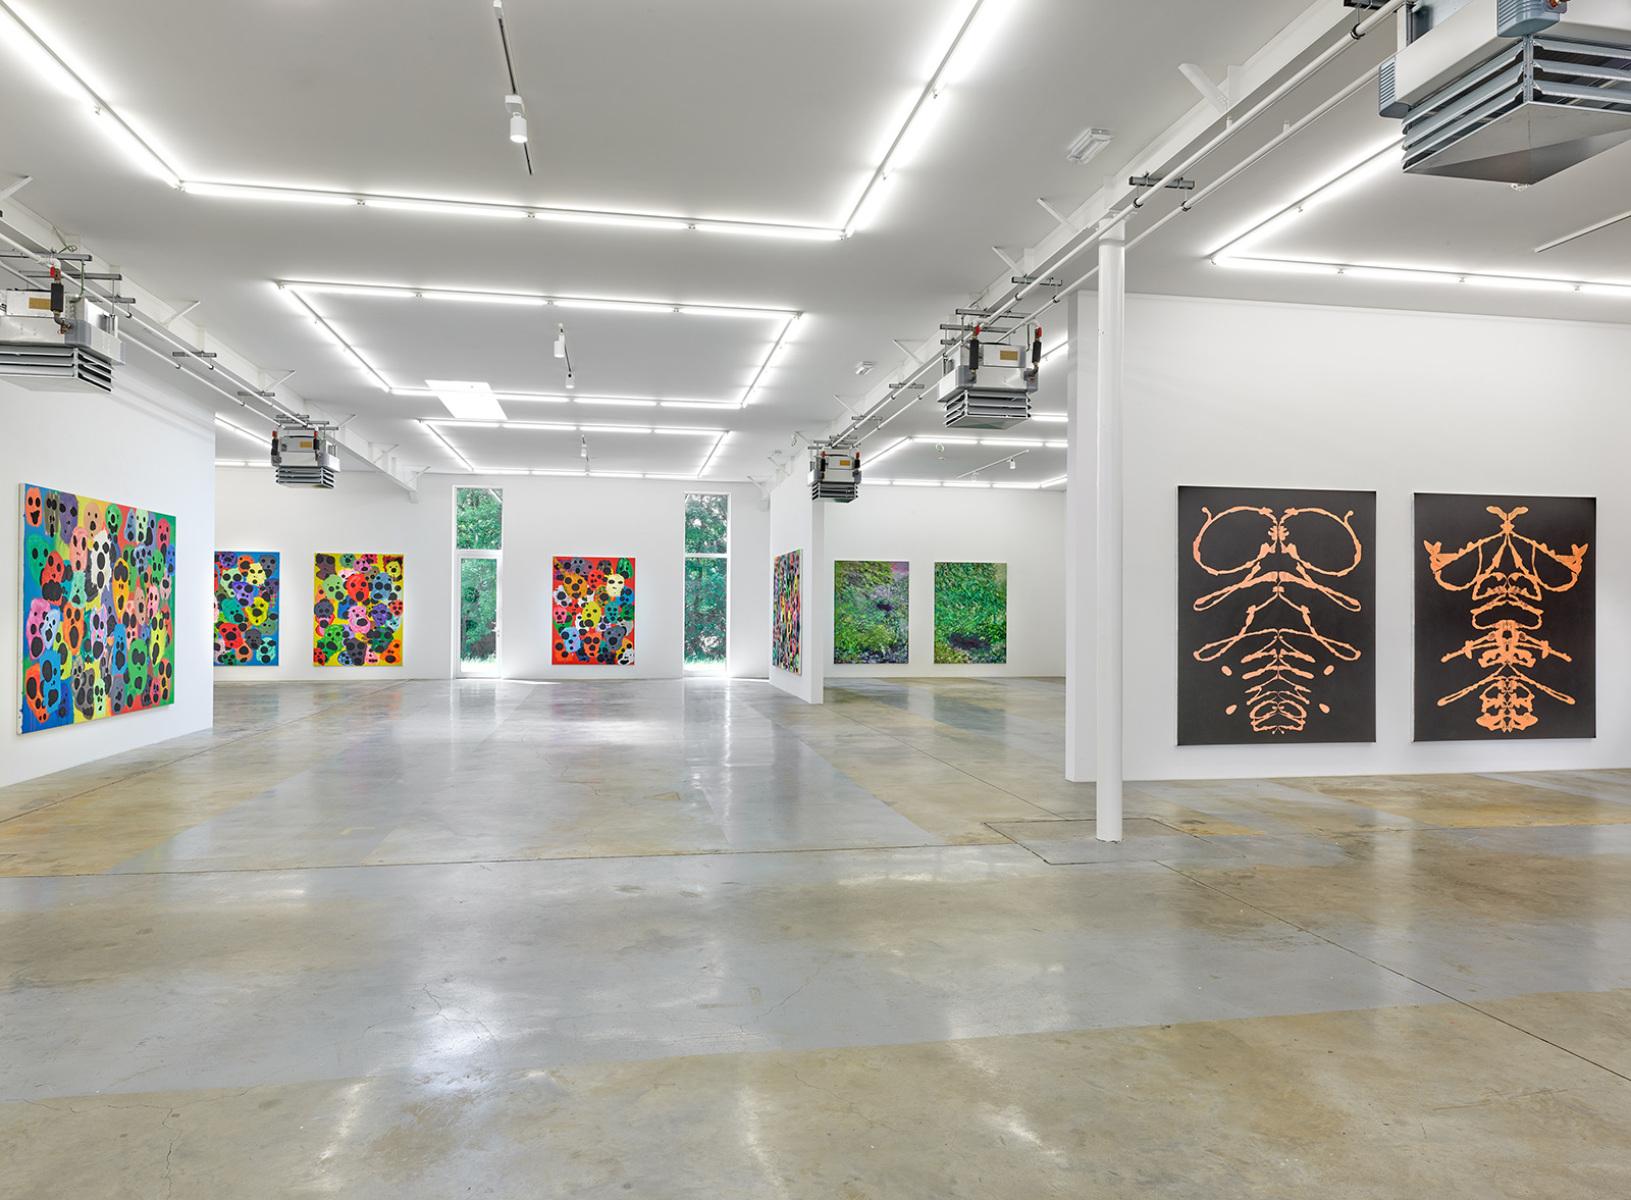 Exhibition view, Mitja Tušek, Freitzeit ist Arbeit, Wandhaff, juin 2021 #13